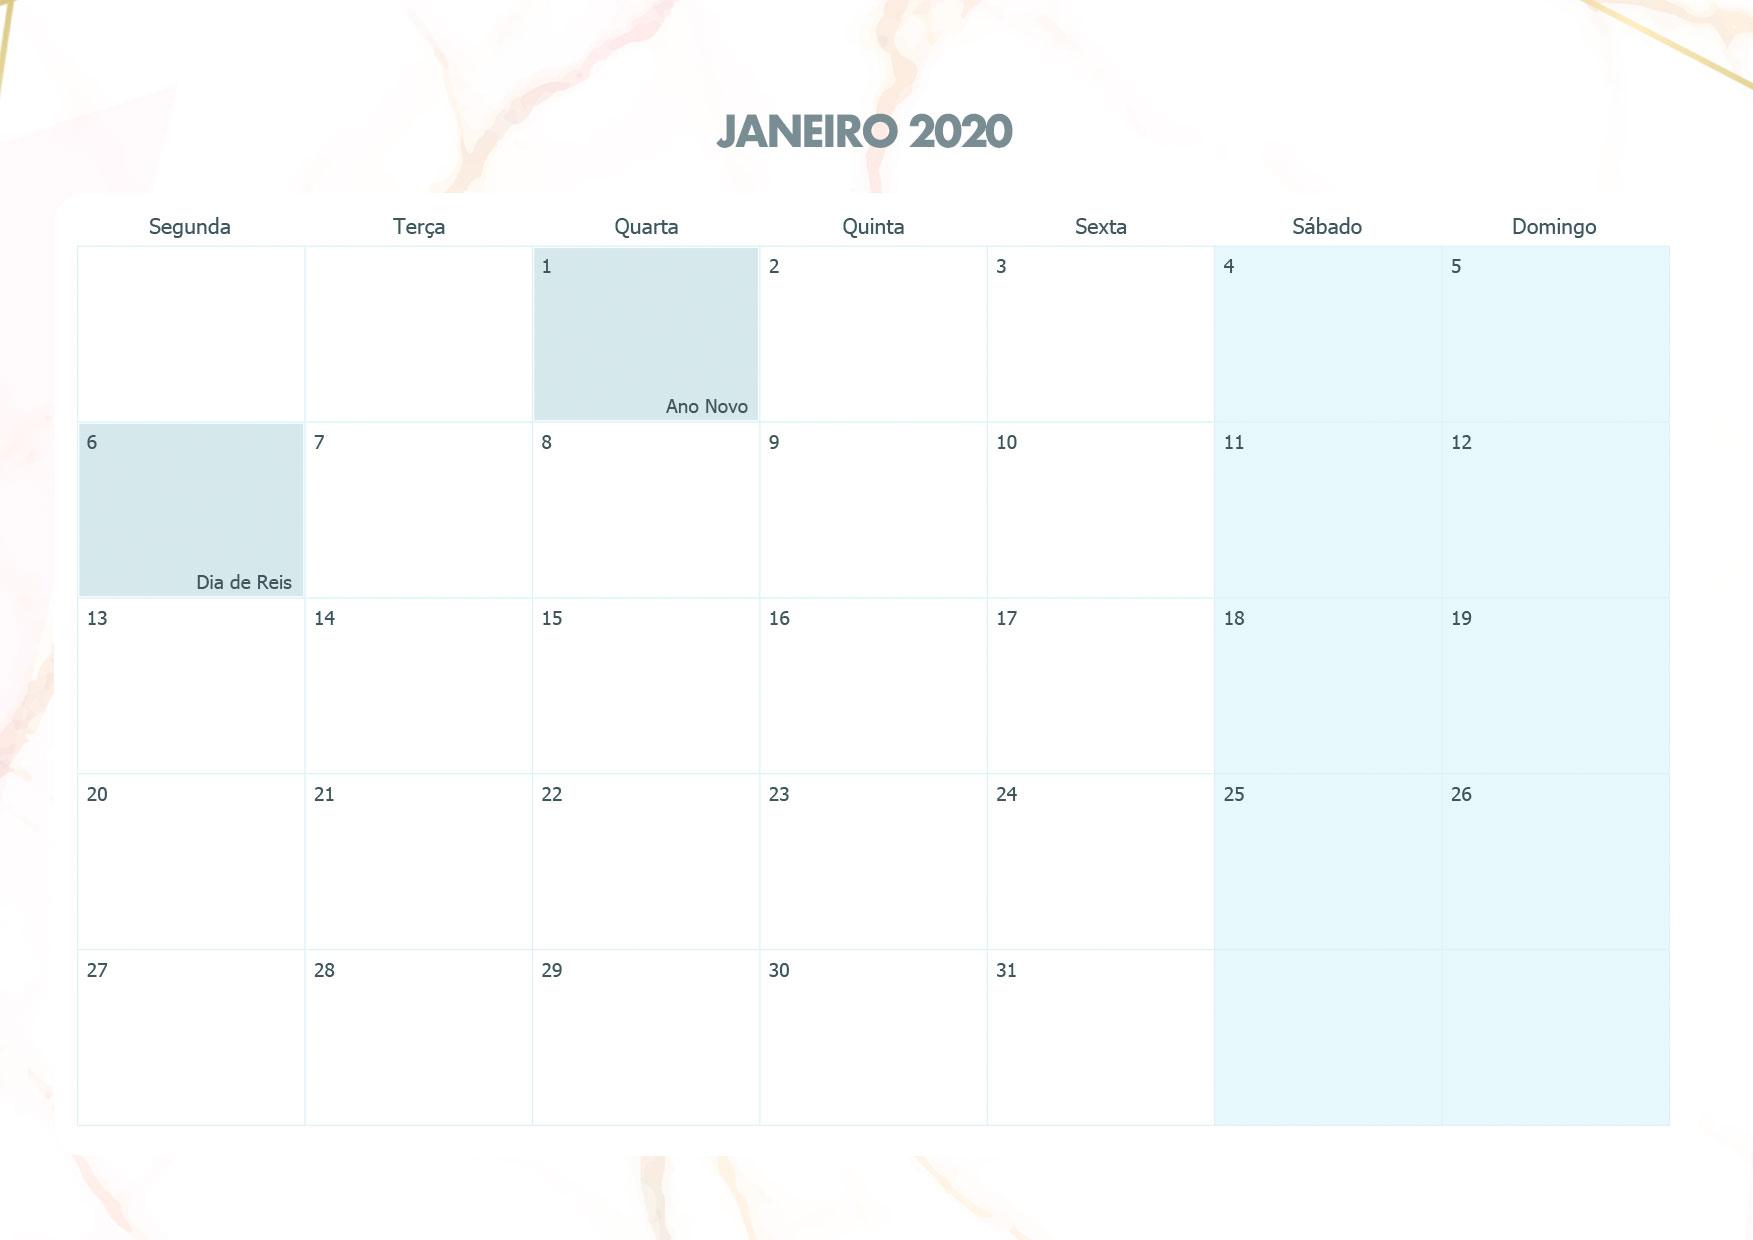 Calendario Mensal Marmore Janeiro 2020